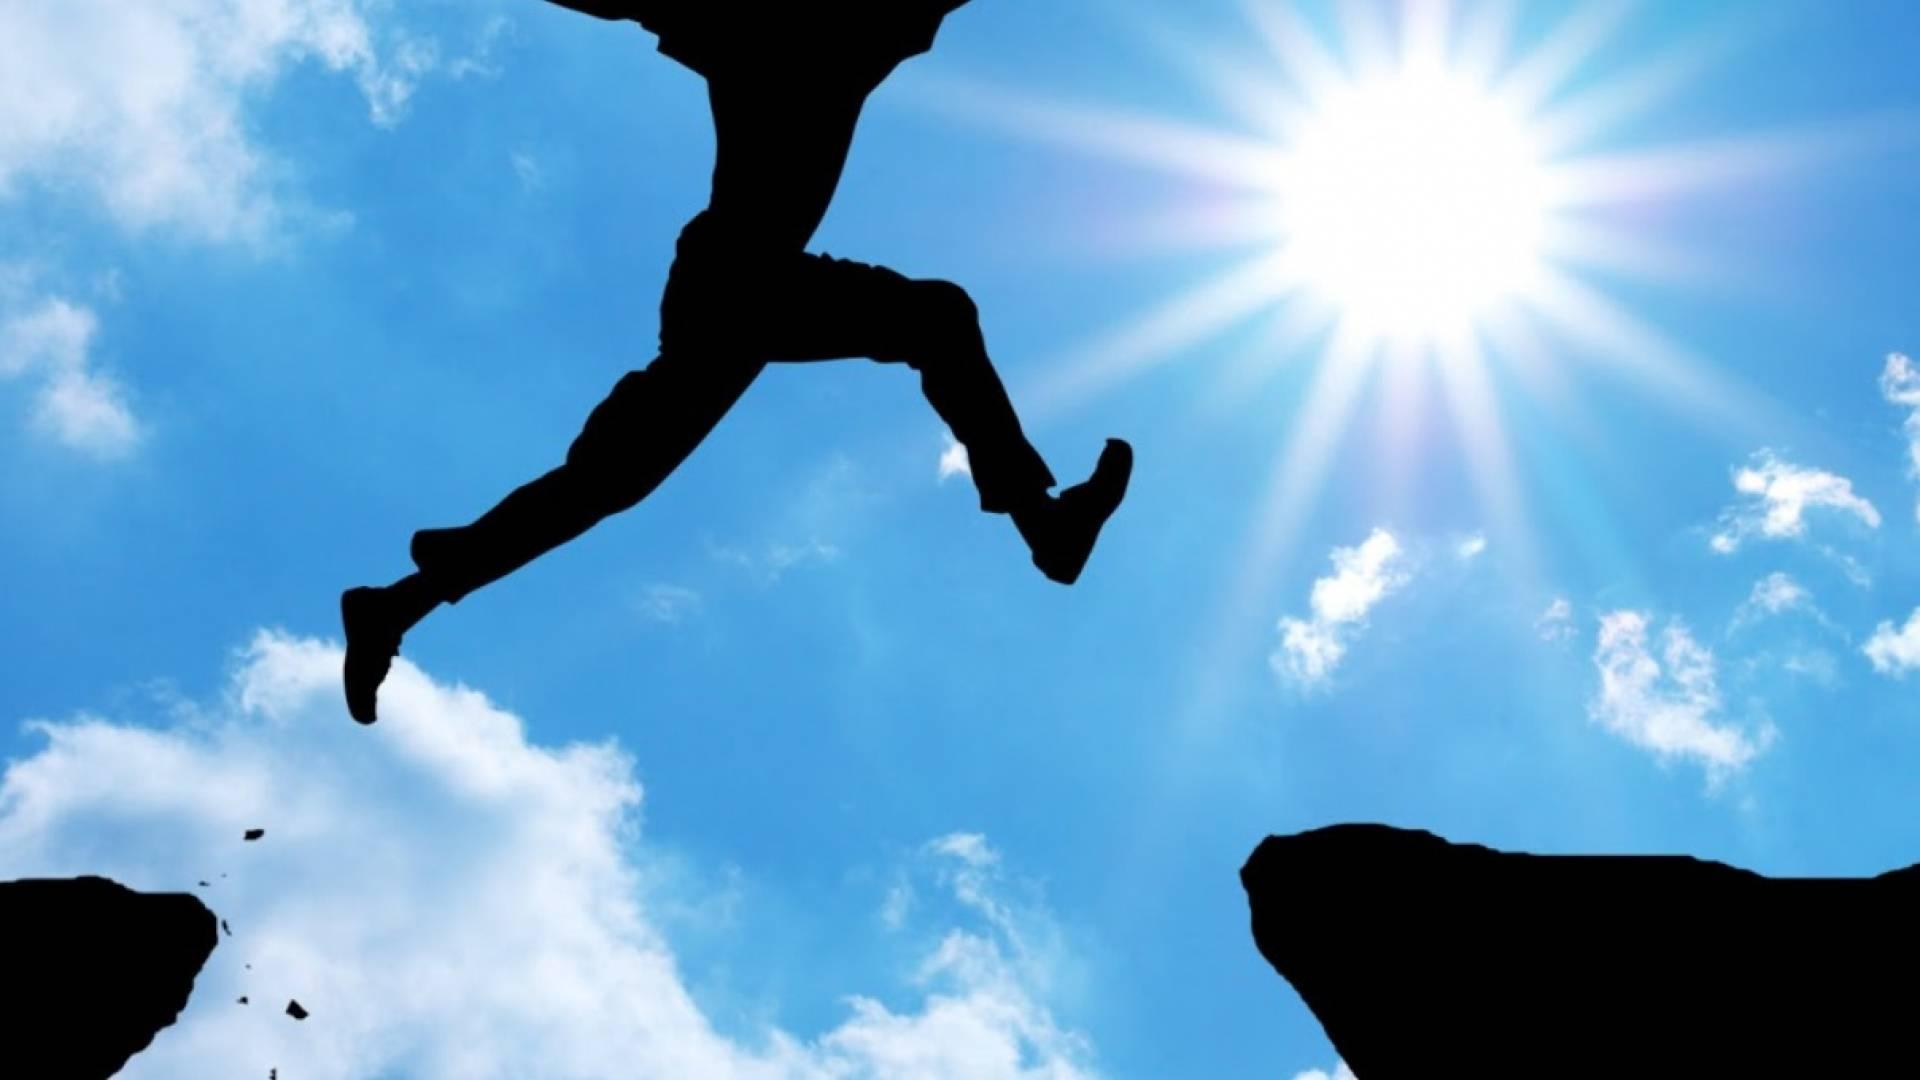 Как полюбить себя и повысить самооценку - лучшие советы психолога